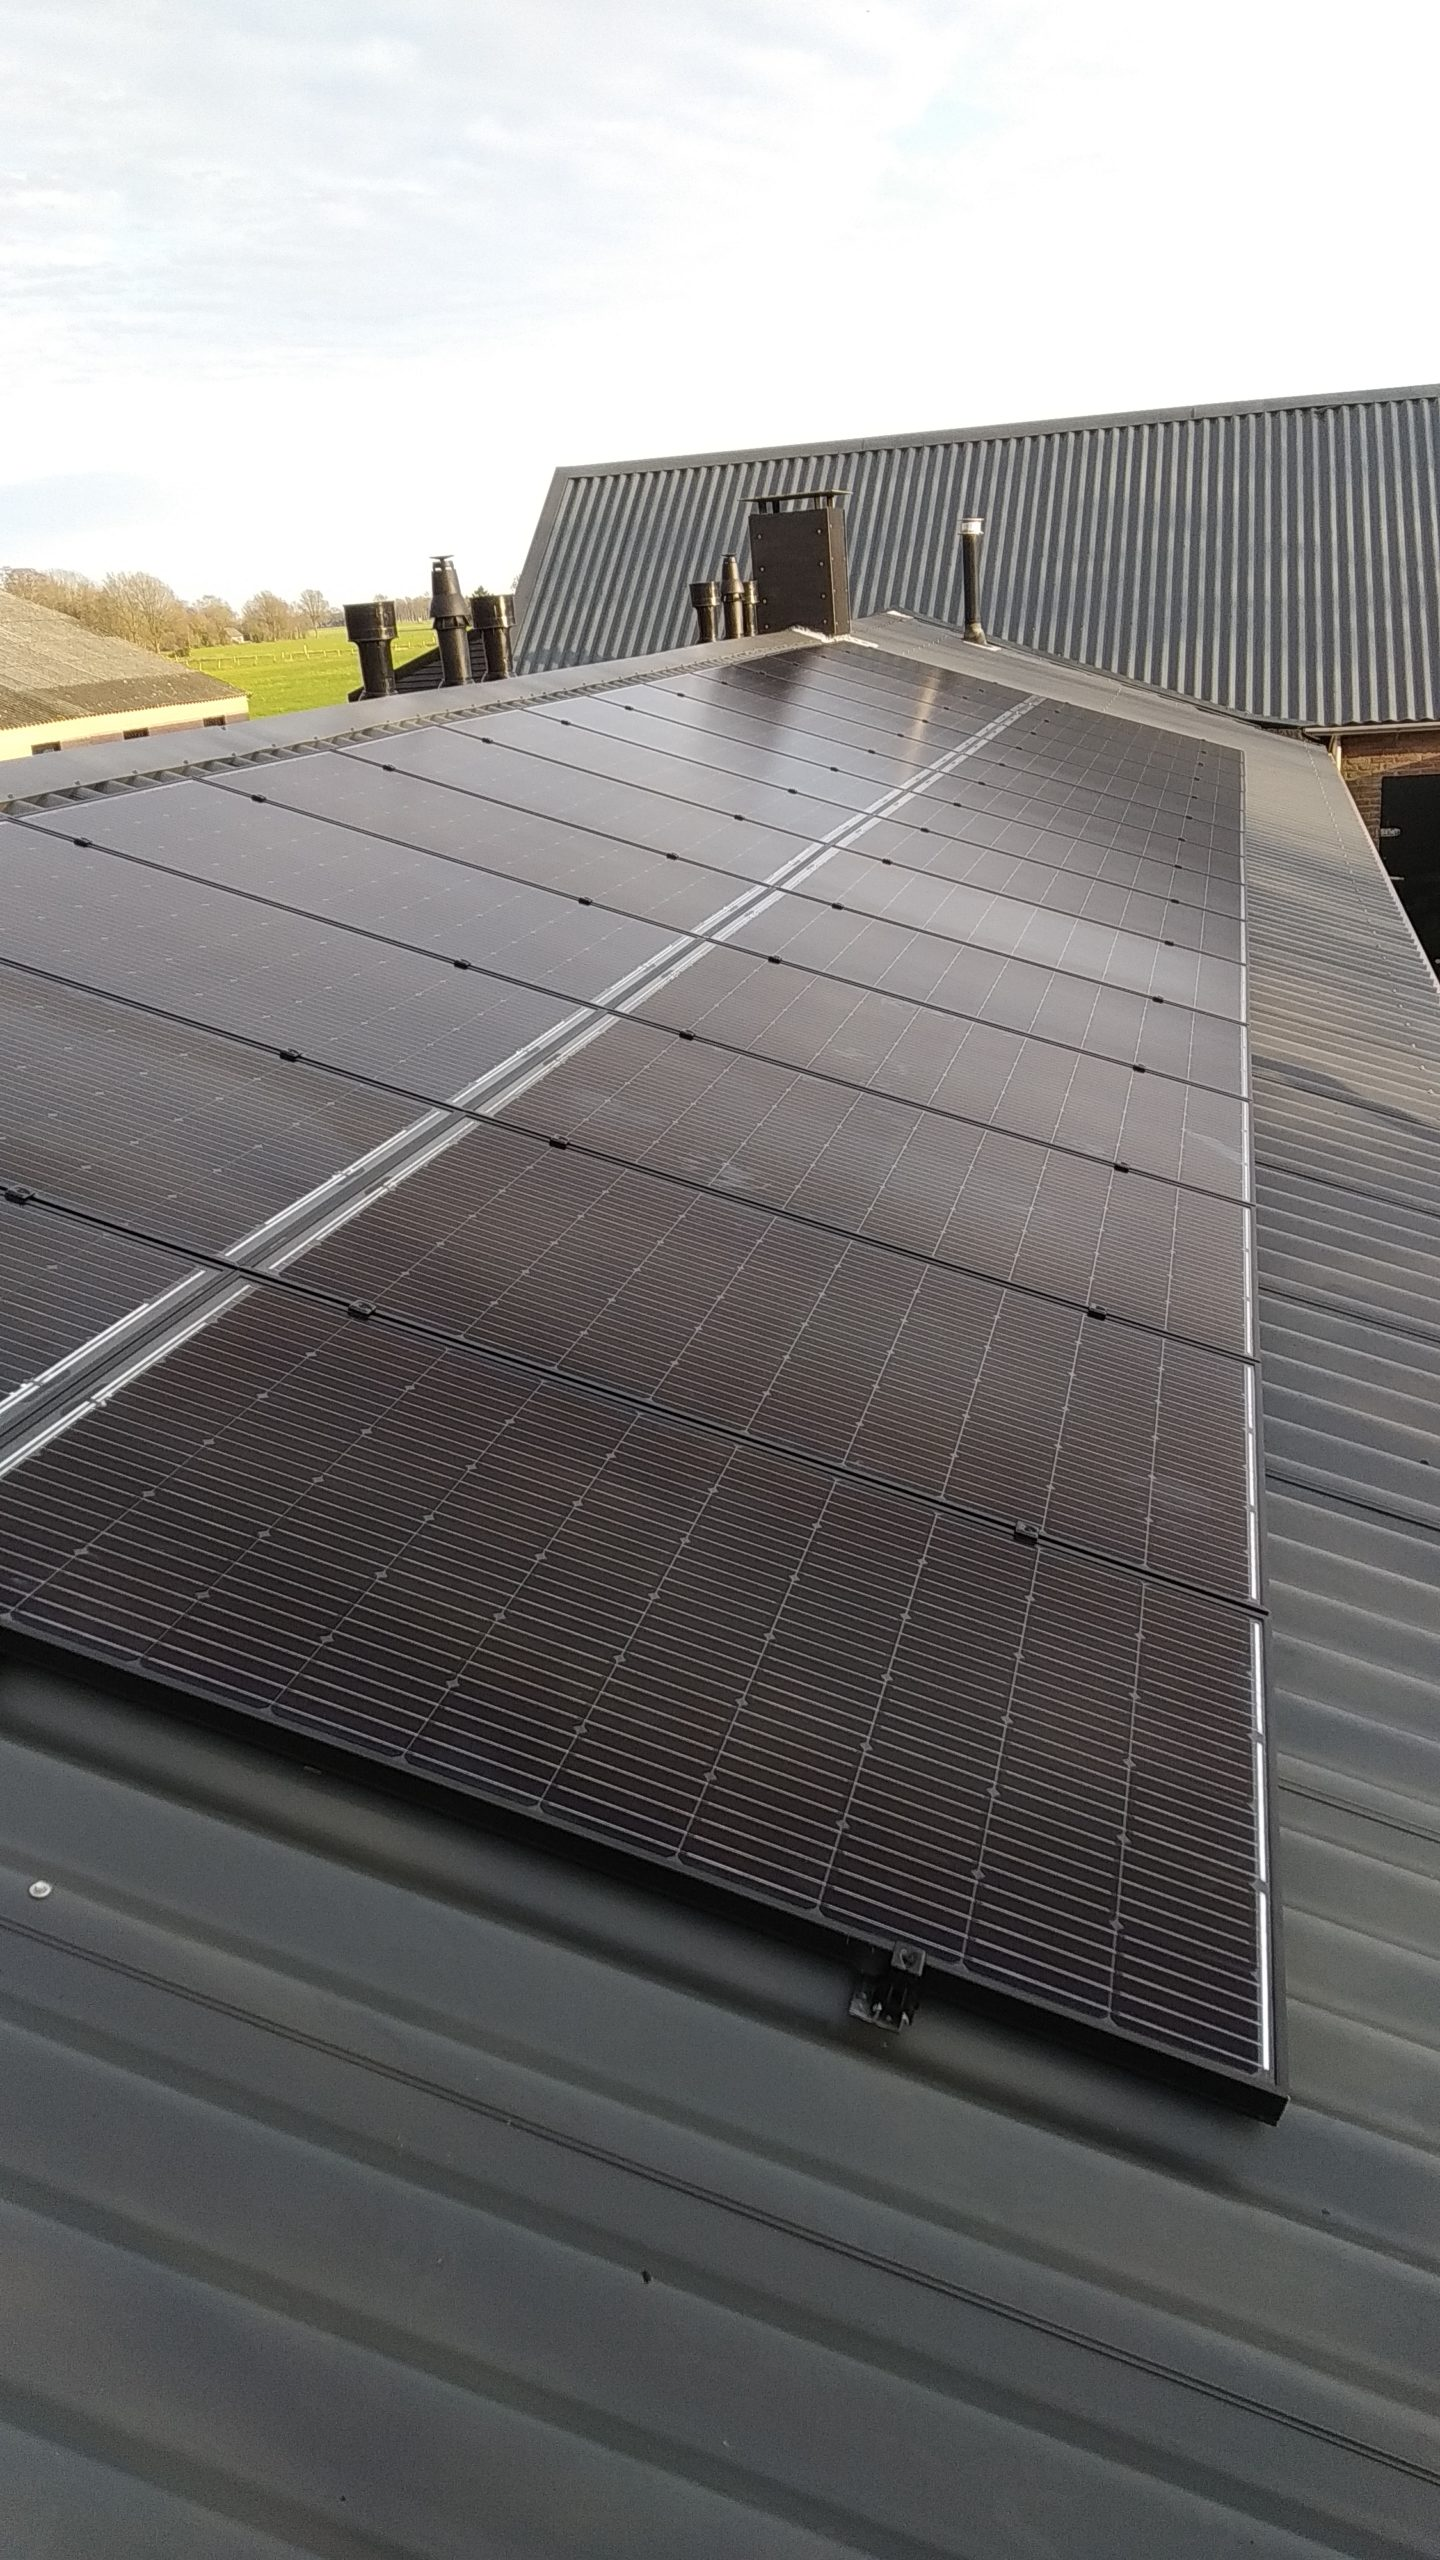 Solarwatt glas glas zonnepanelen Stuifzand